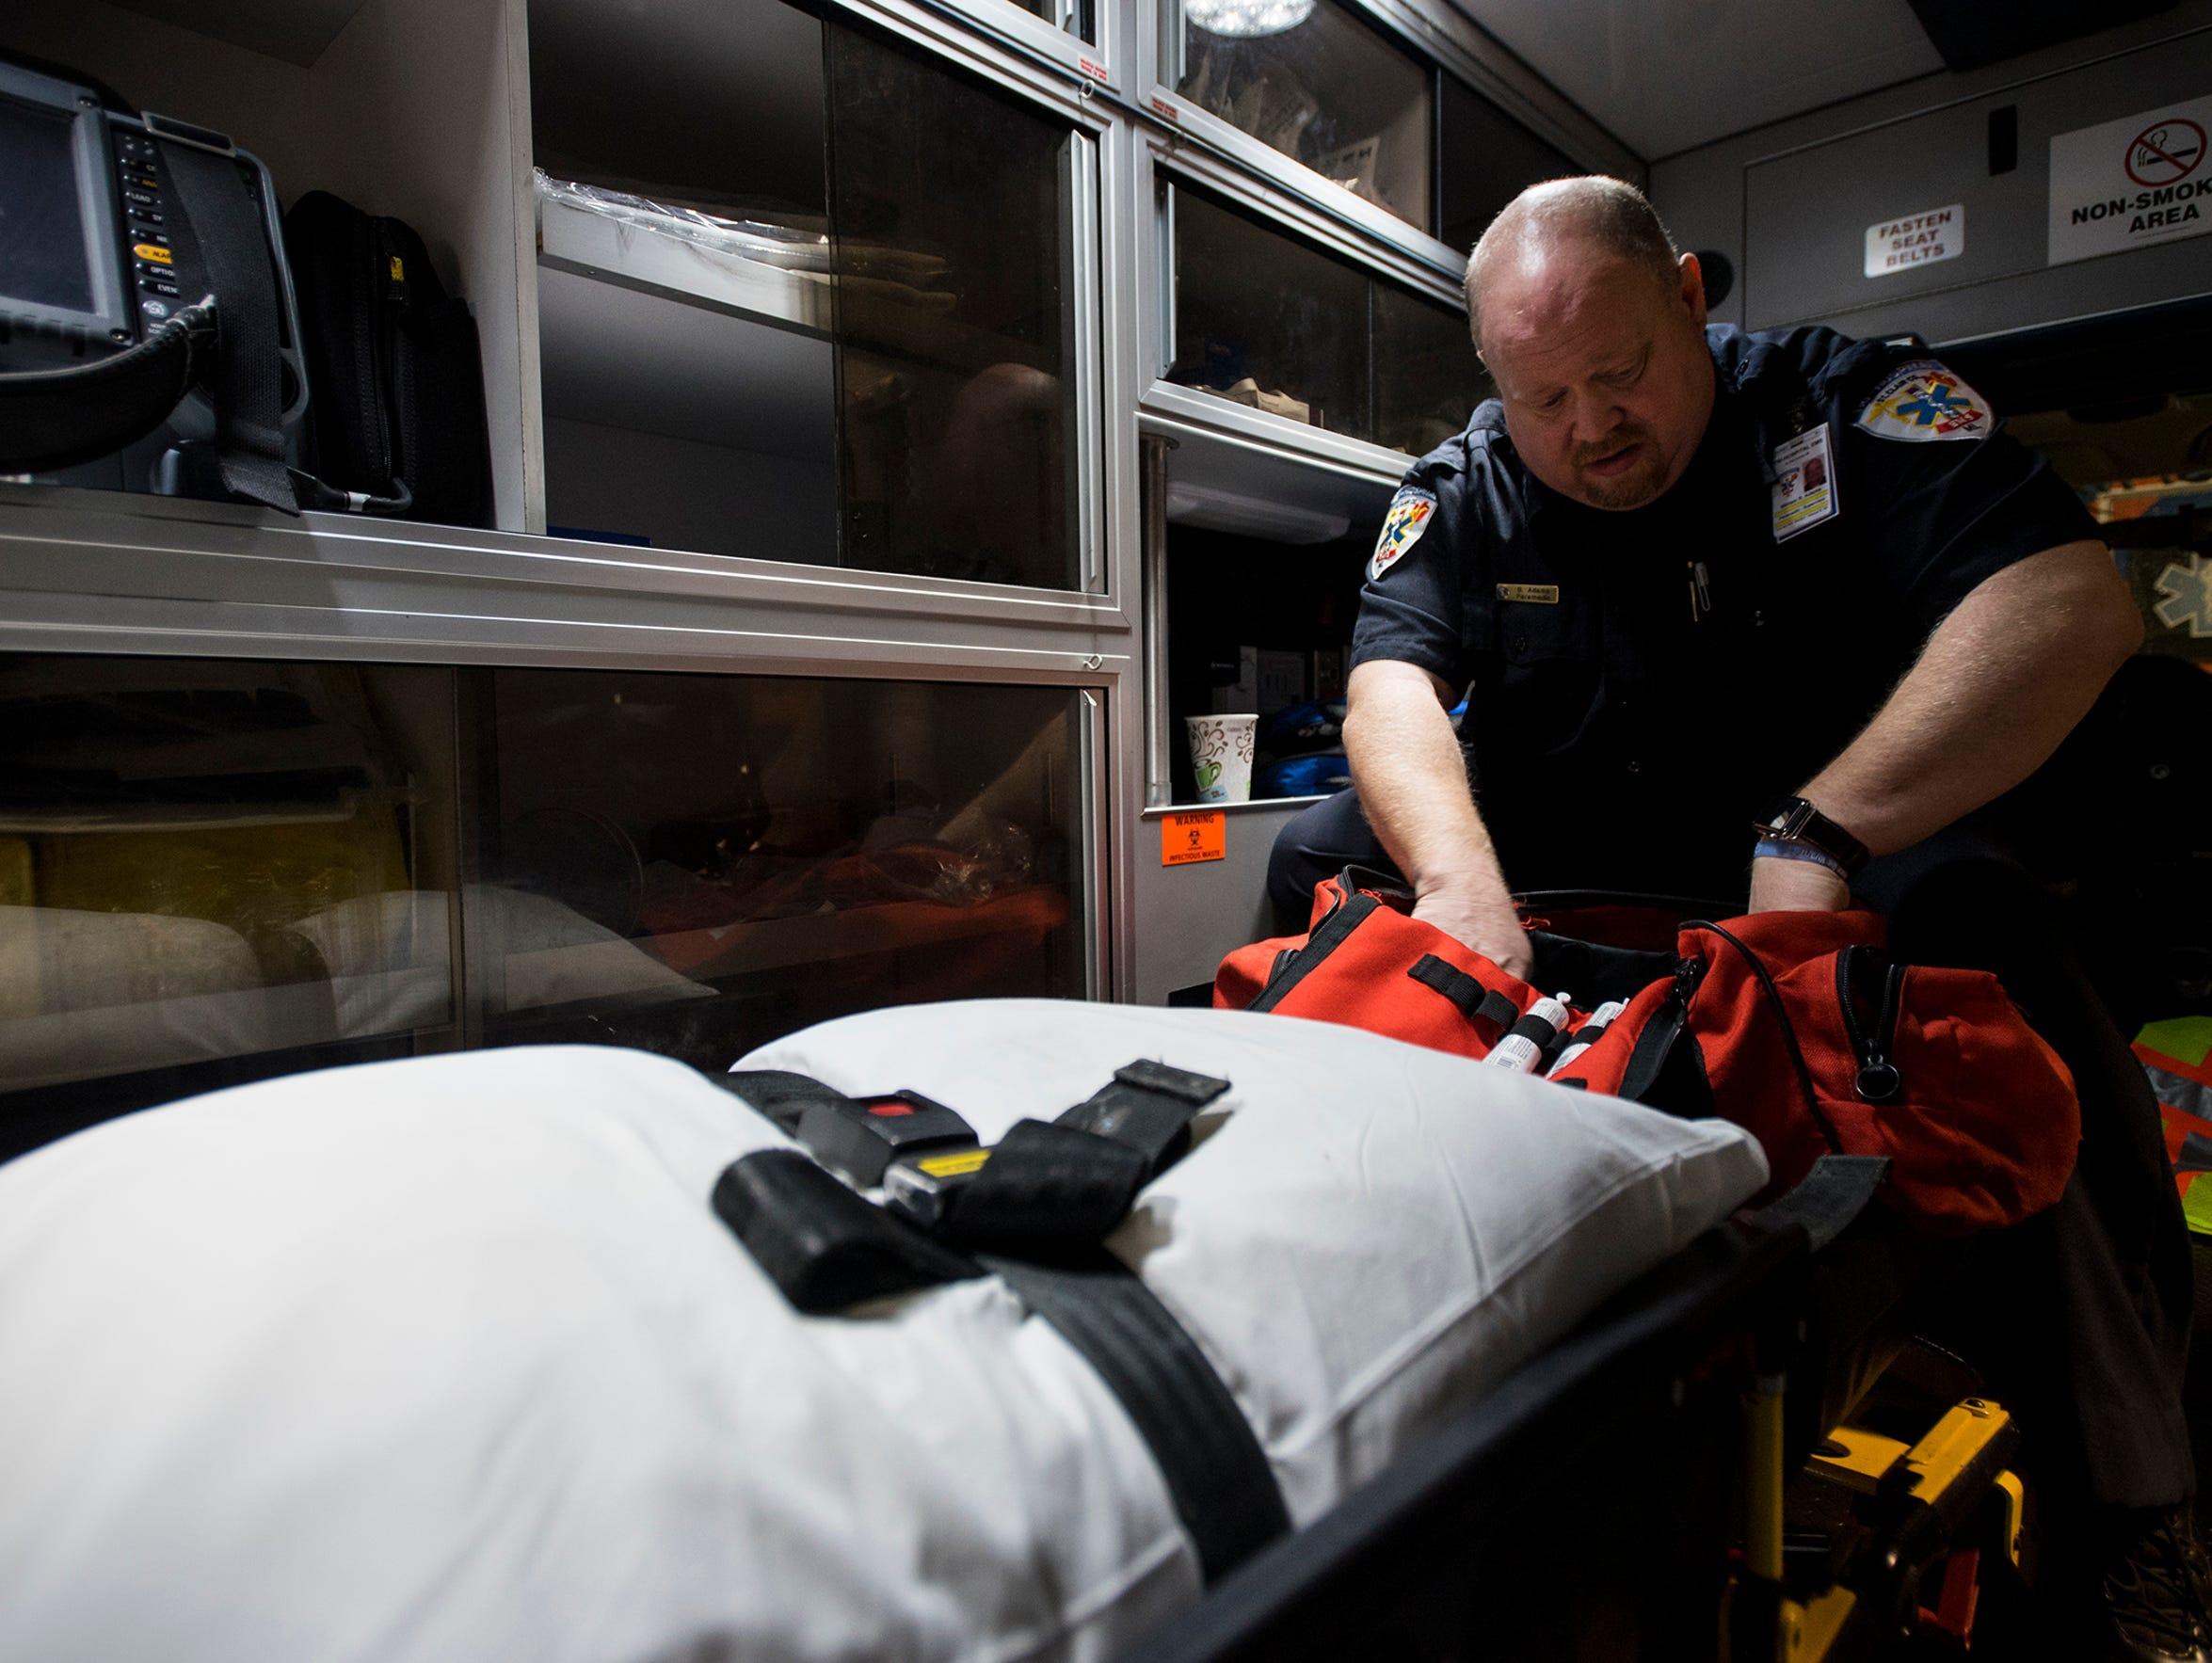 Tri-Hospital EMS Paramedic Supervisor Bill Adams checks